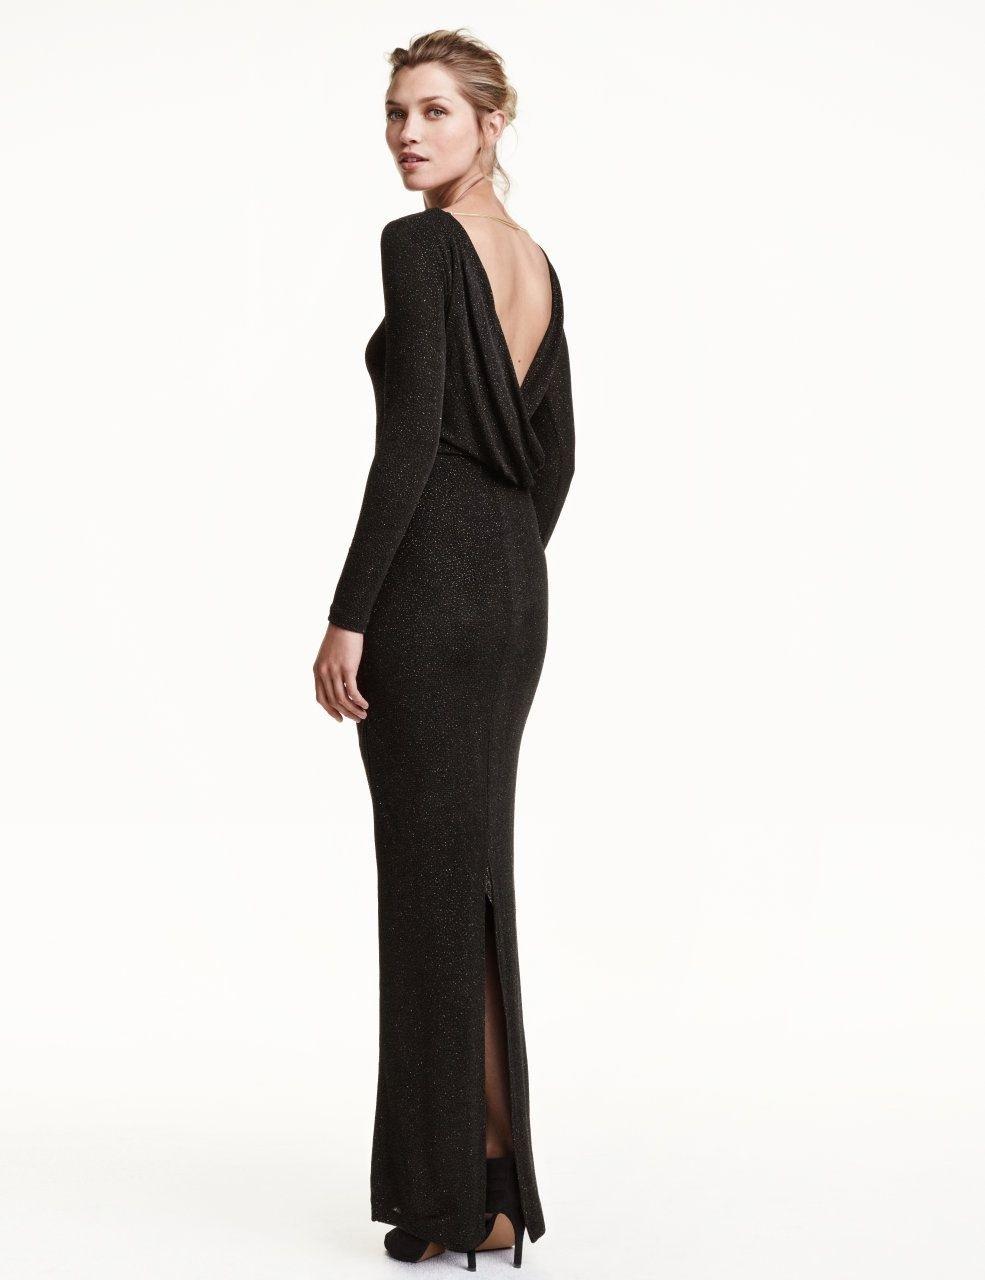 15 Perfekt Schwarzes Langes Kleid Mit Glitzer Ärmel17 Luxurius Schwarzes Langes Kleid Mit Glitzer für 2019